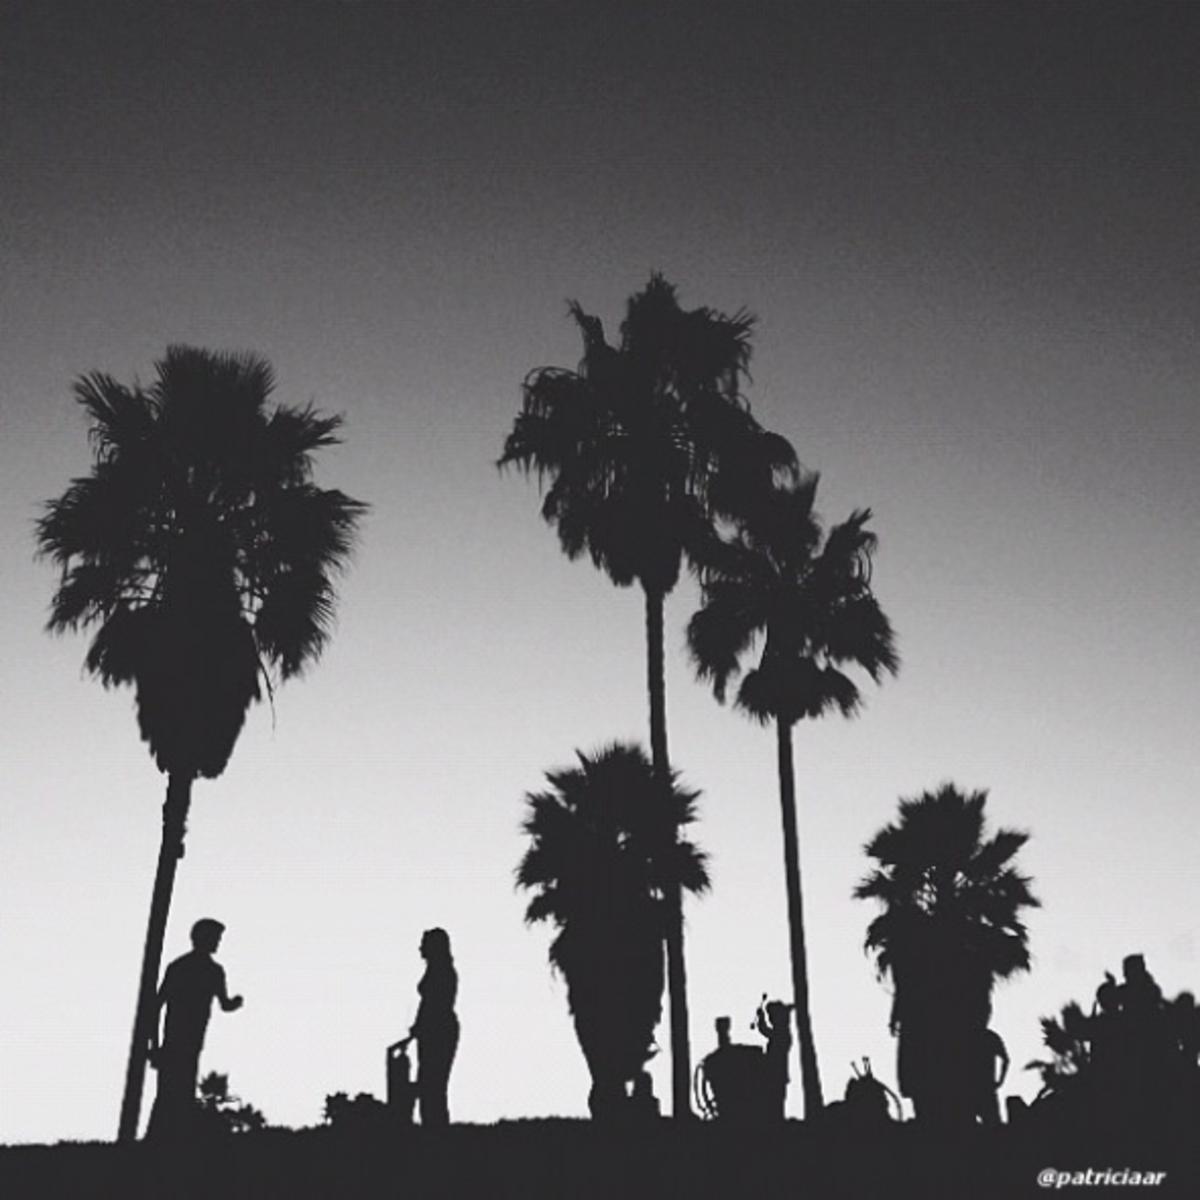 Patriciaar Instagram Photographer